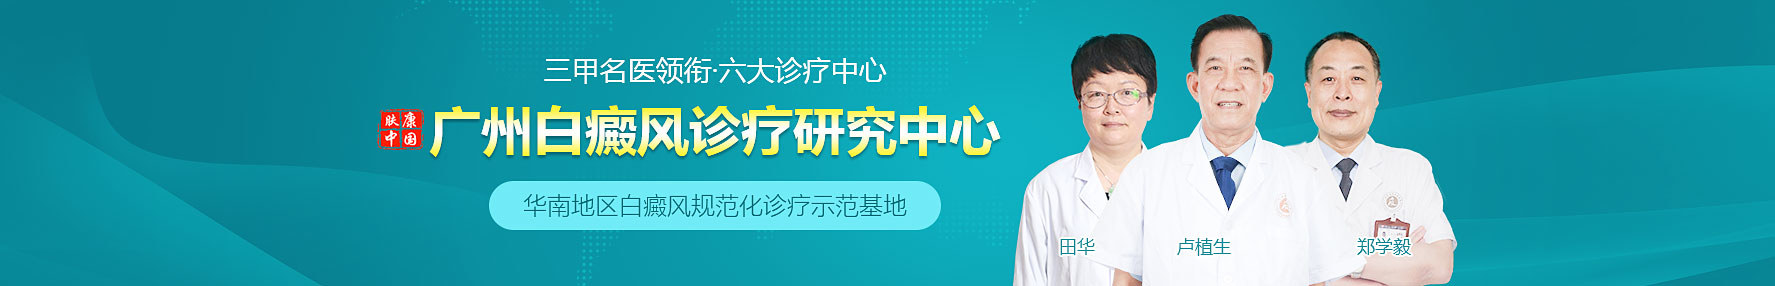 广州白癜风医院